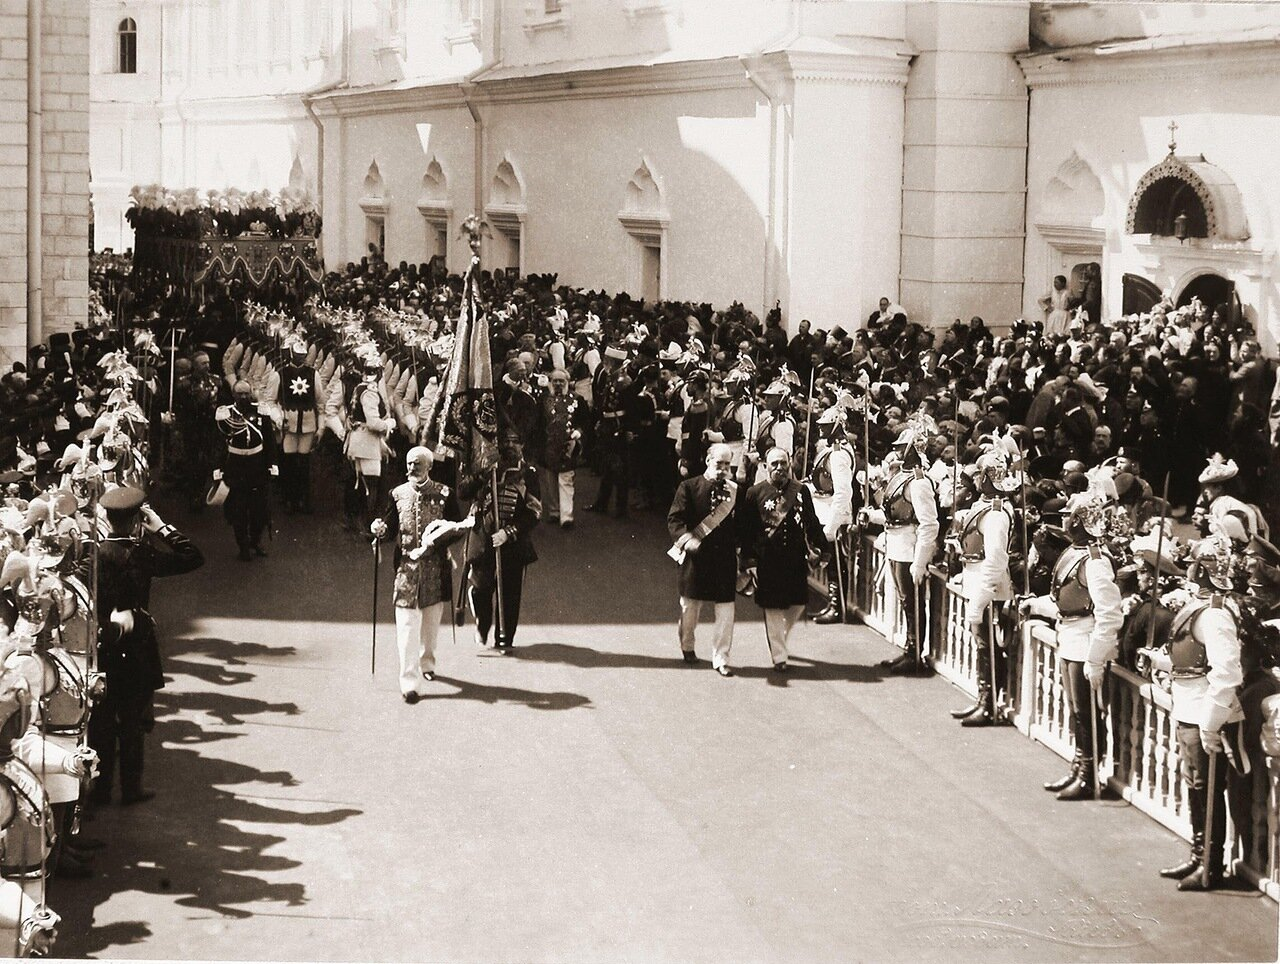 Взвод лейб-гвардии Кавалергардского полка, сопровождающий торжественное шествие императора Николая II и императрицы Александры Федоровны под балдахином, направляется после окончания церемонии торжественной коронации